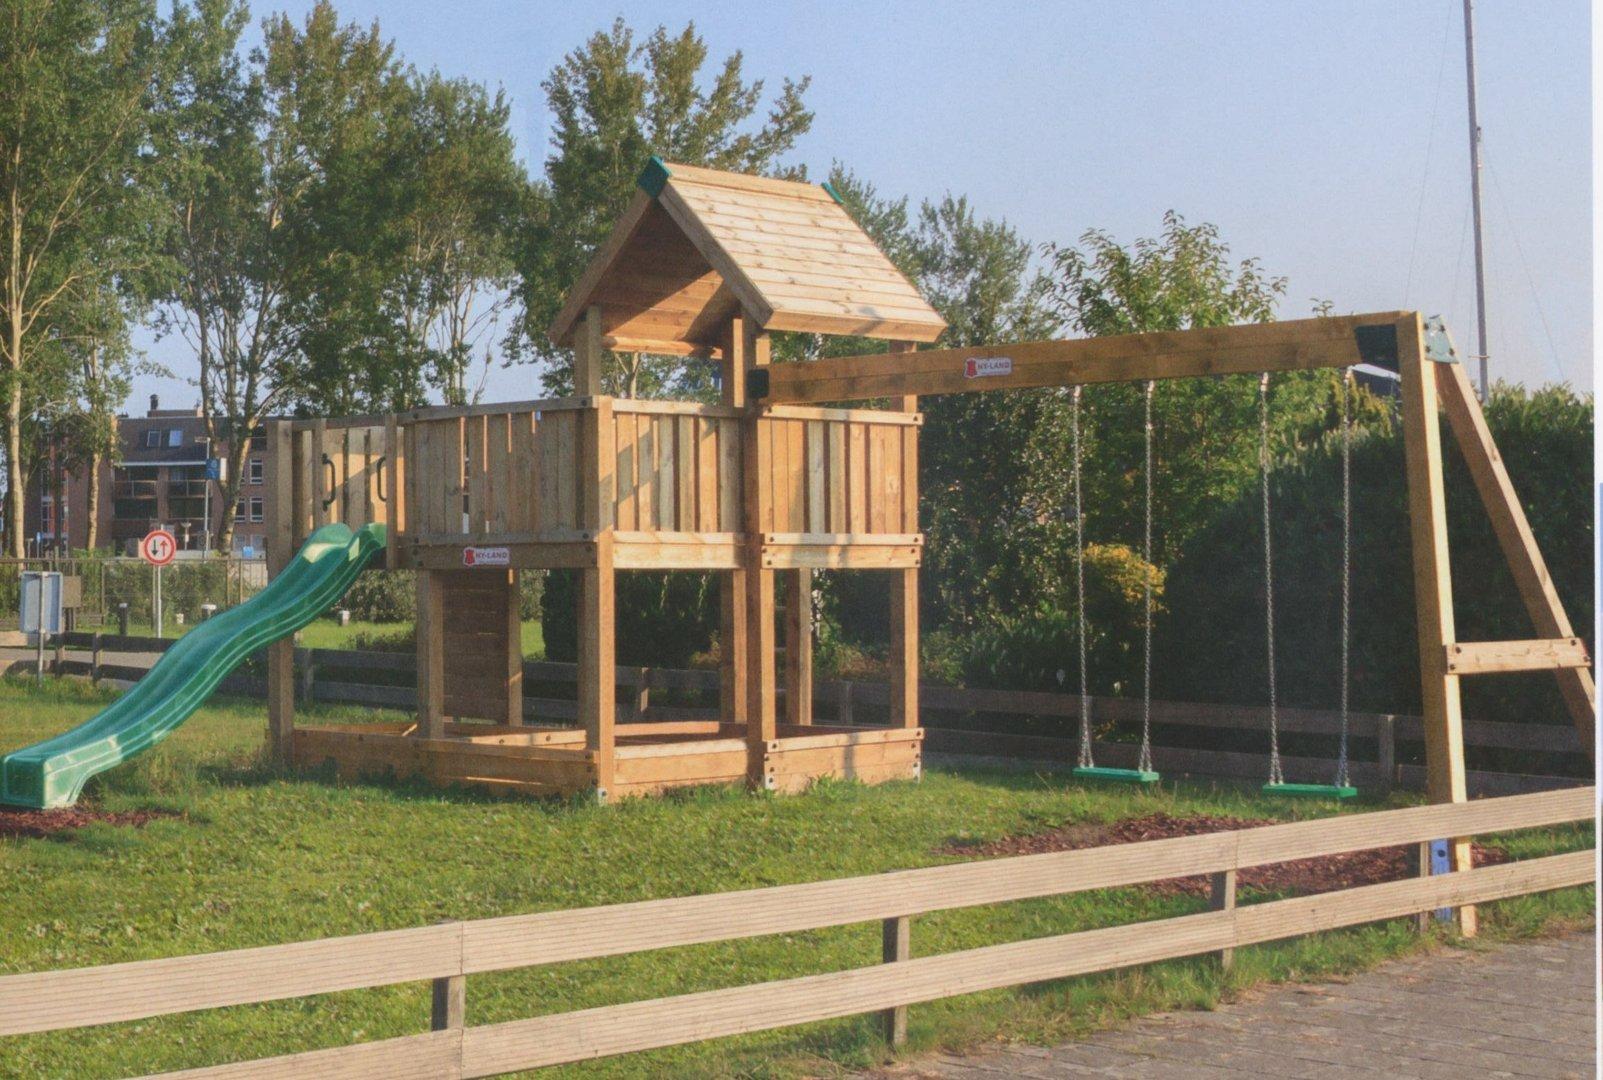 Sehr Hy-Land Spielturm: 2 Plattformen, Dach, Leiter, Sandkasten CD93